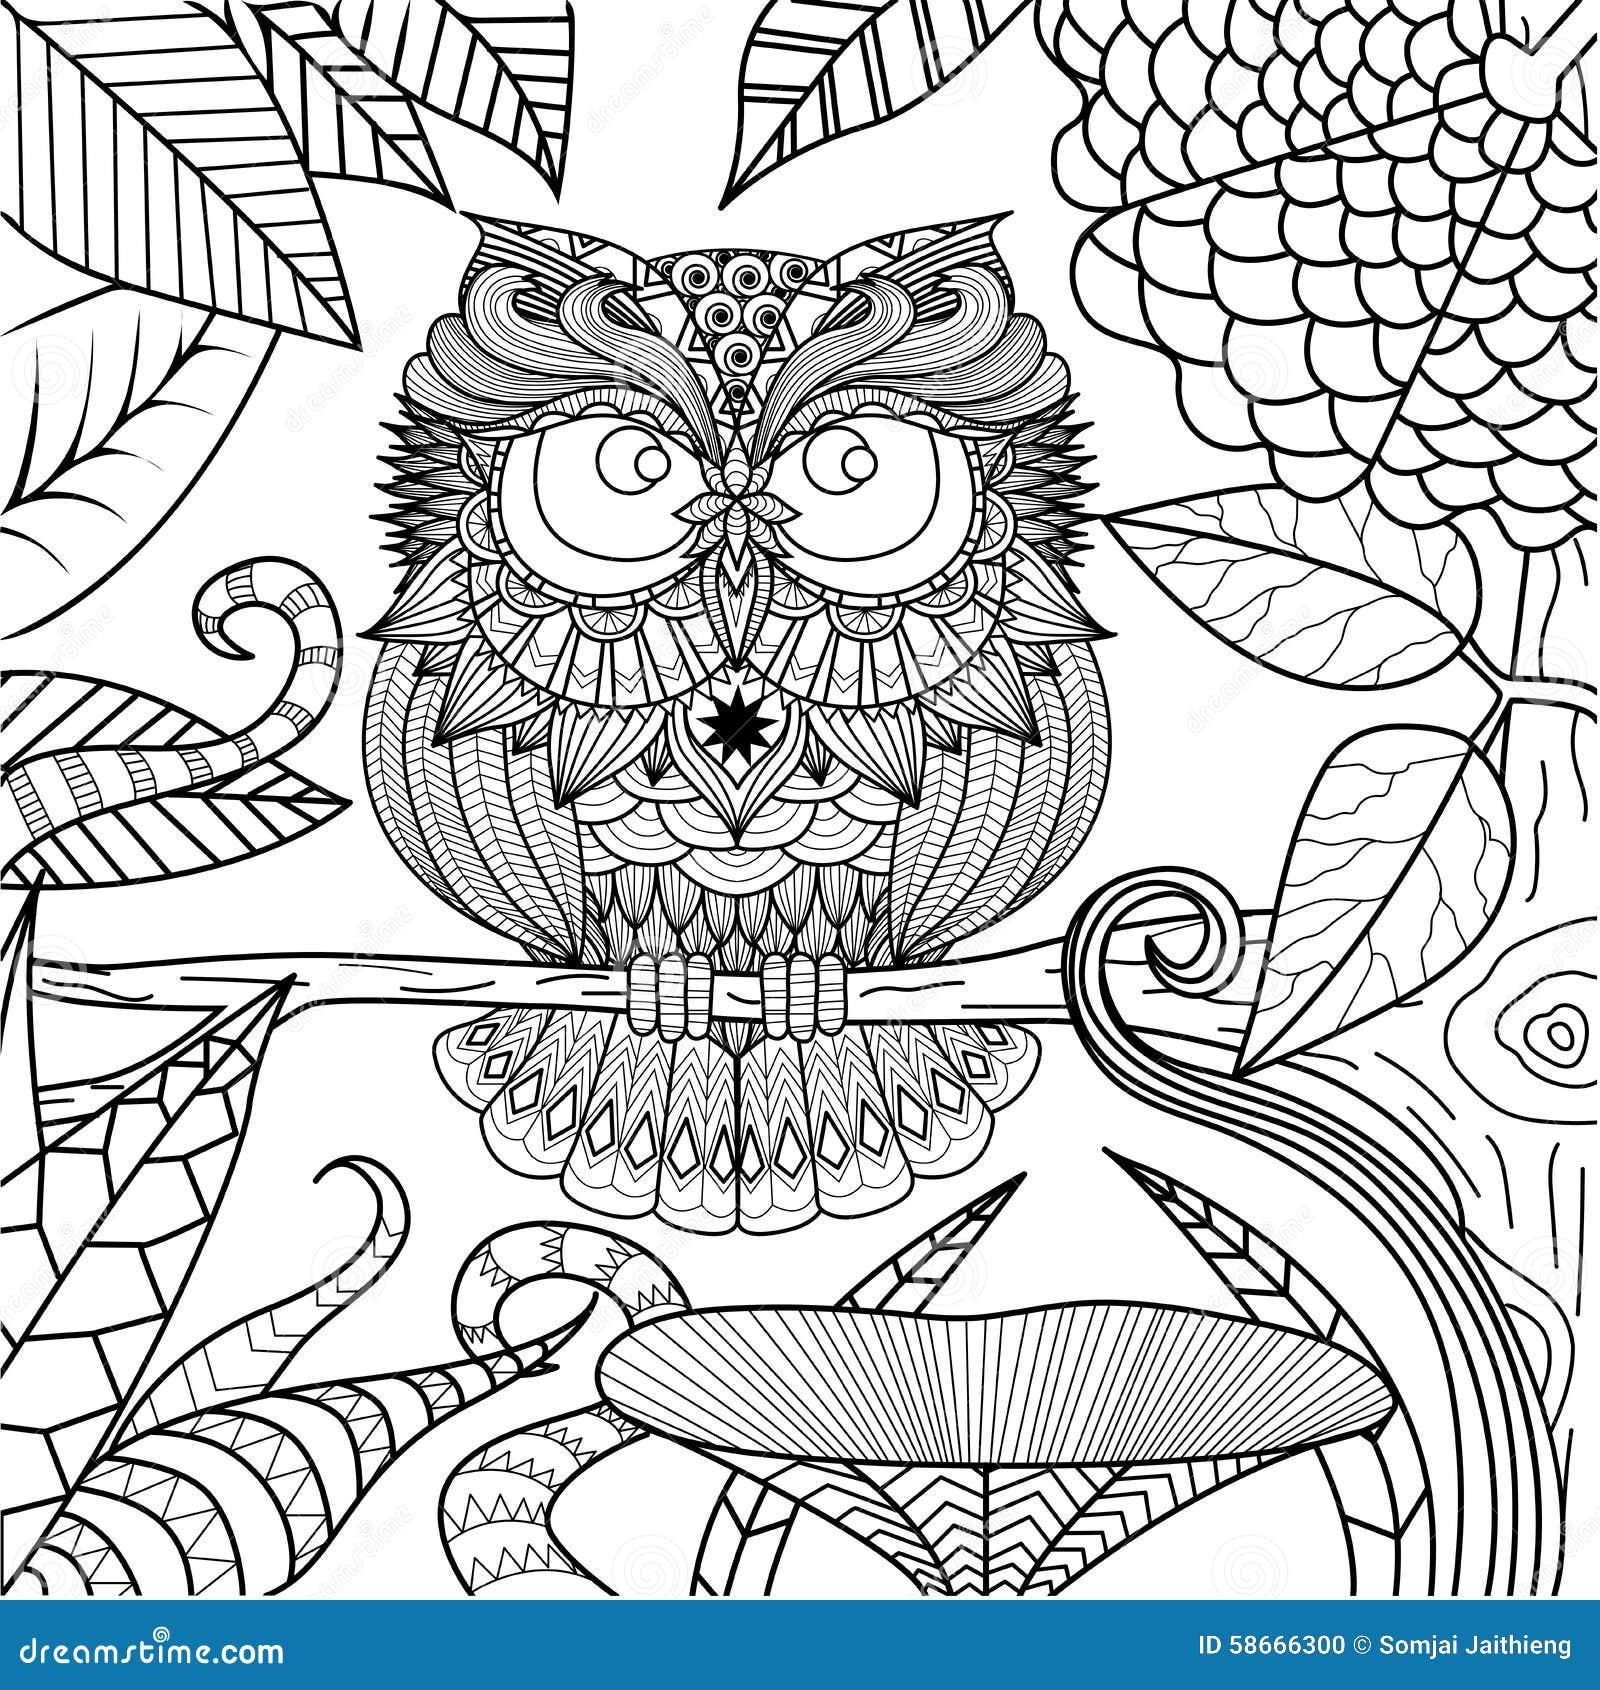 Dibujo Del Búho Para El Libro De Colorear Ilustración del Vector